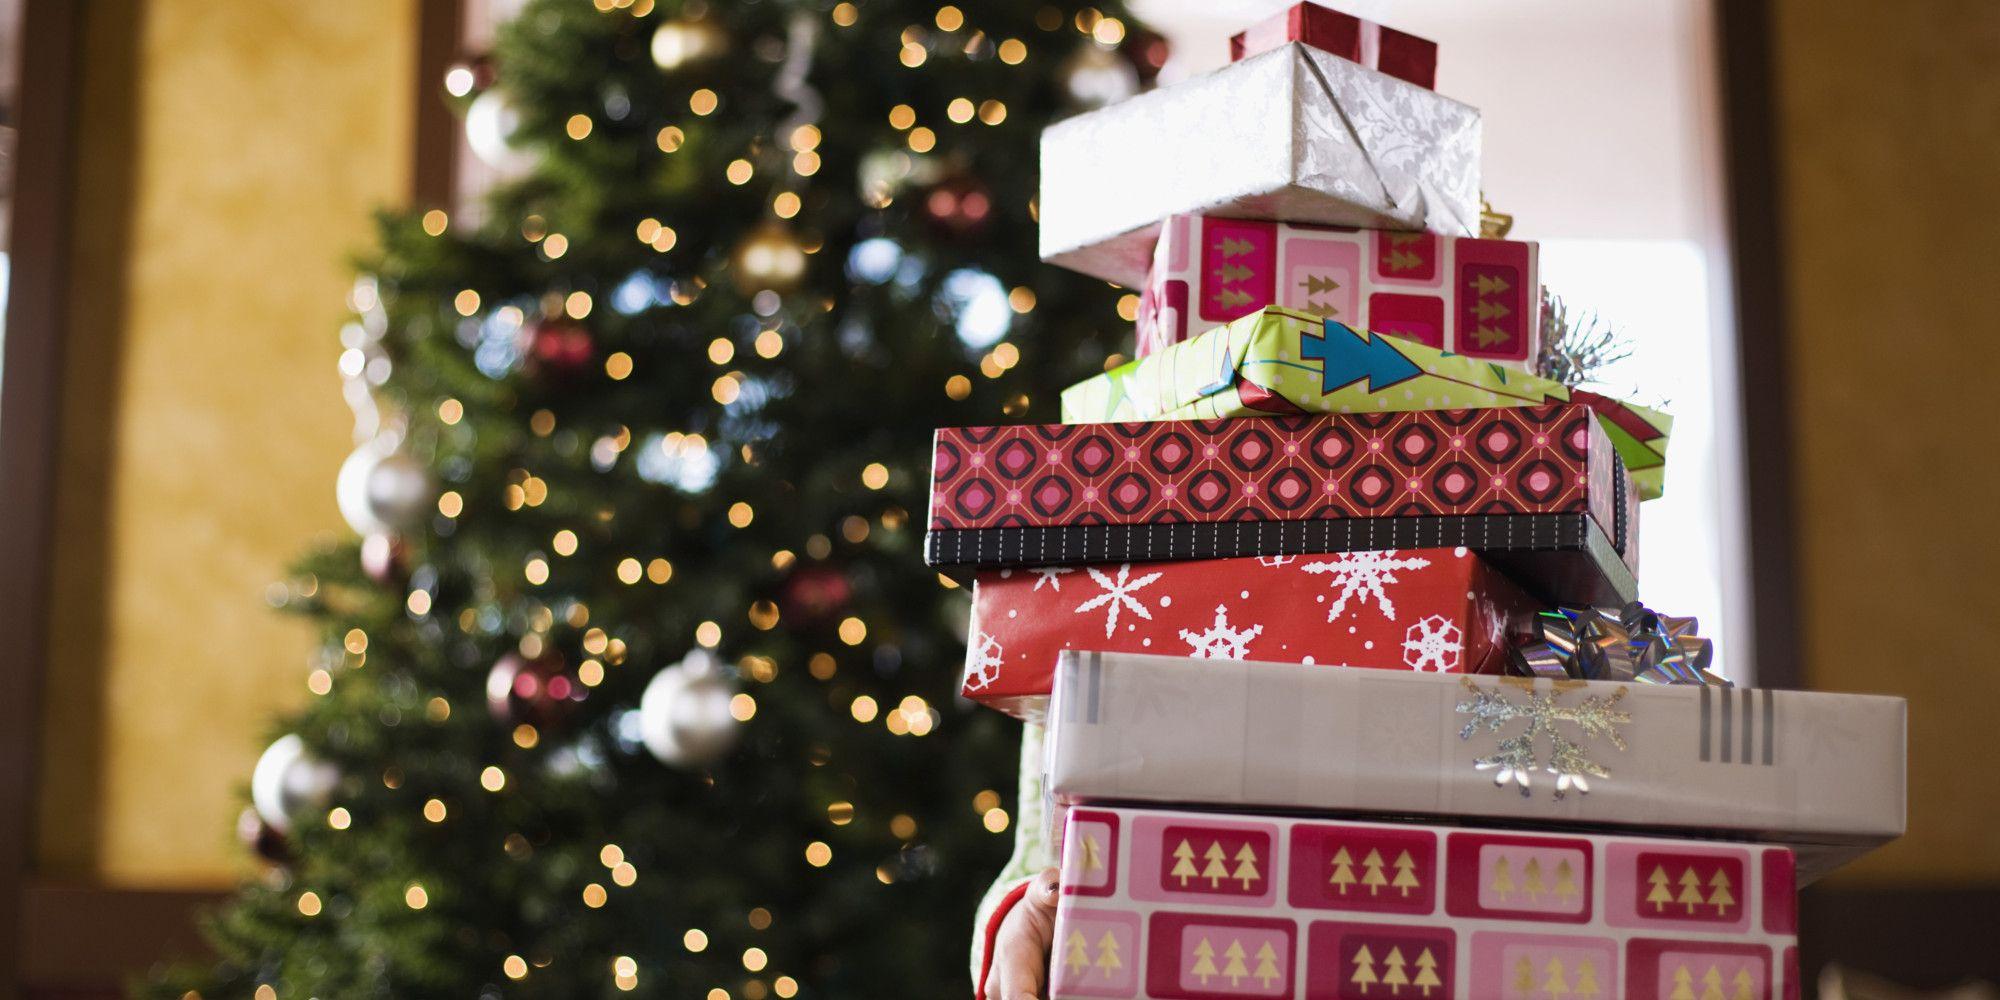 Dónde guardar los regalos de navidad